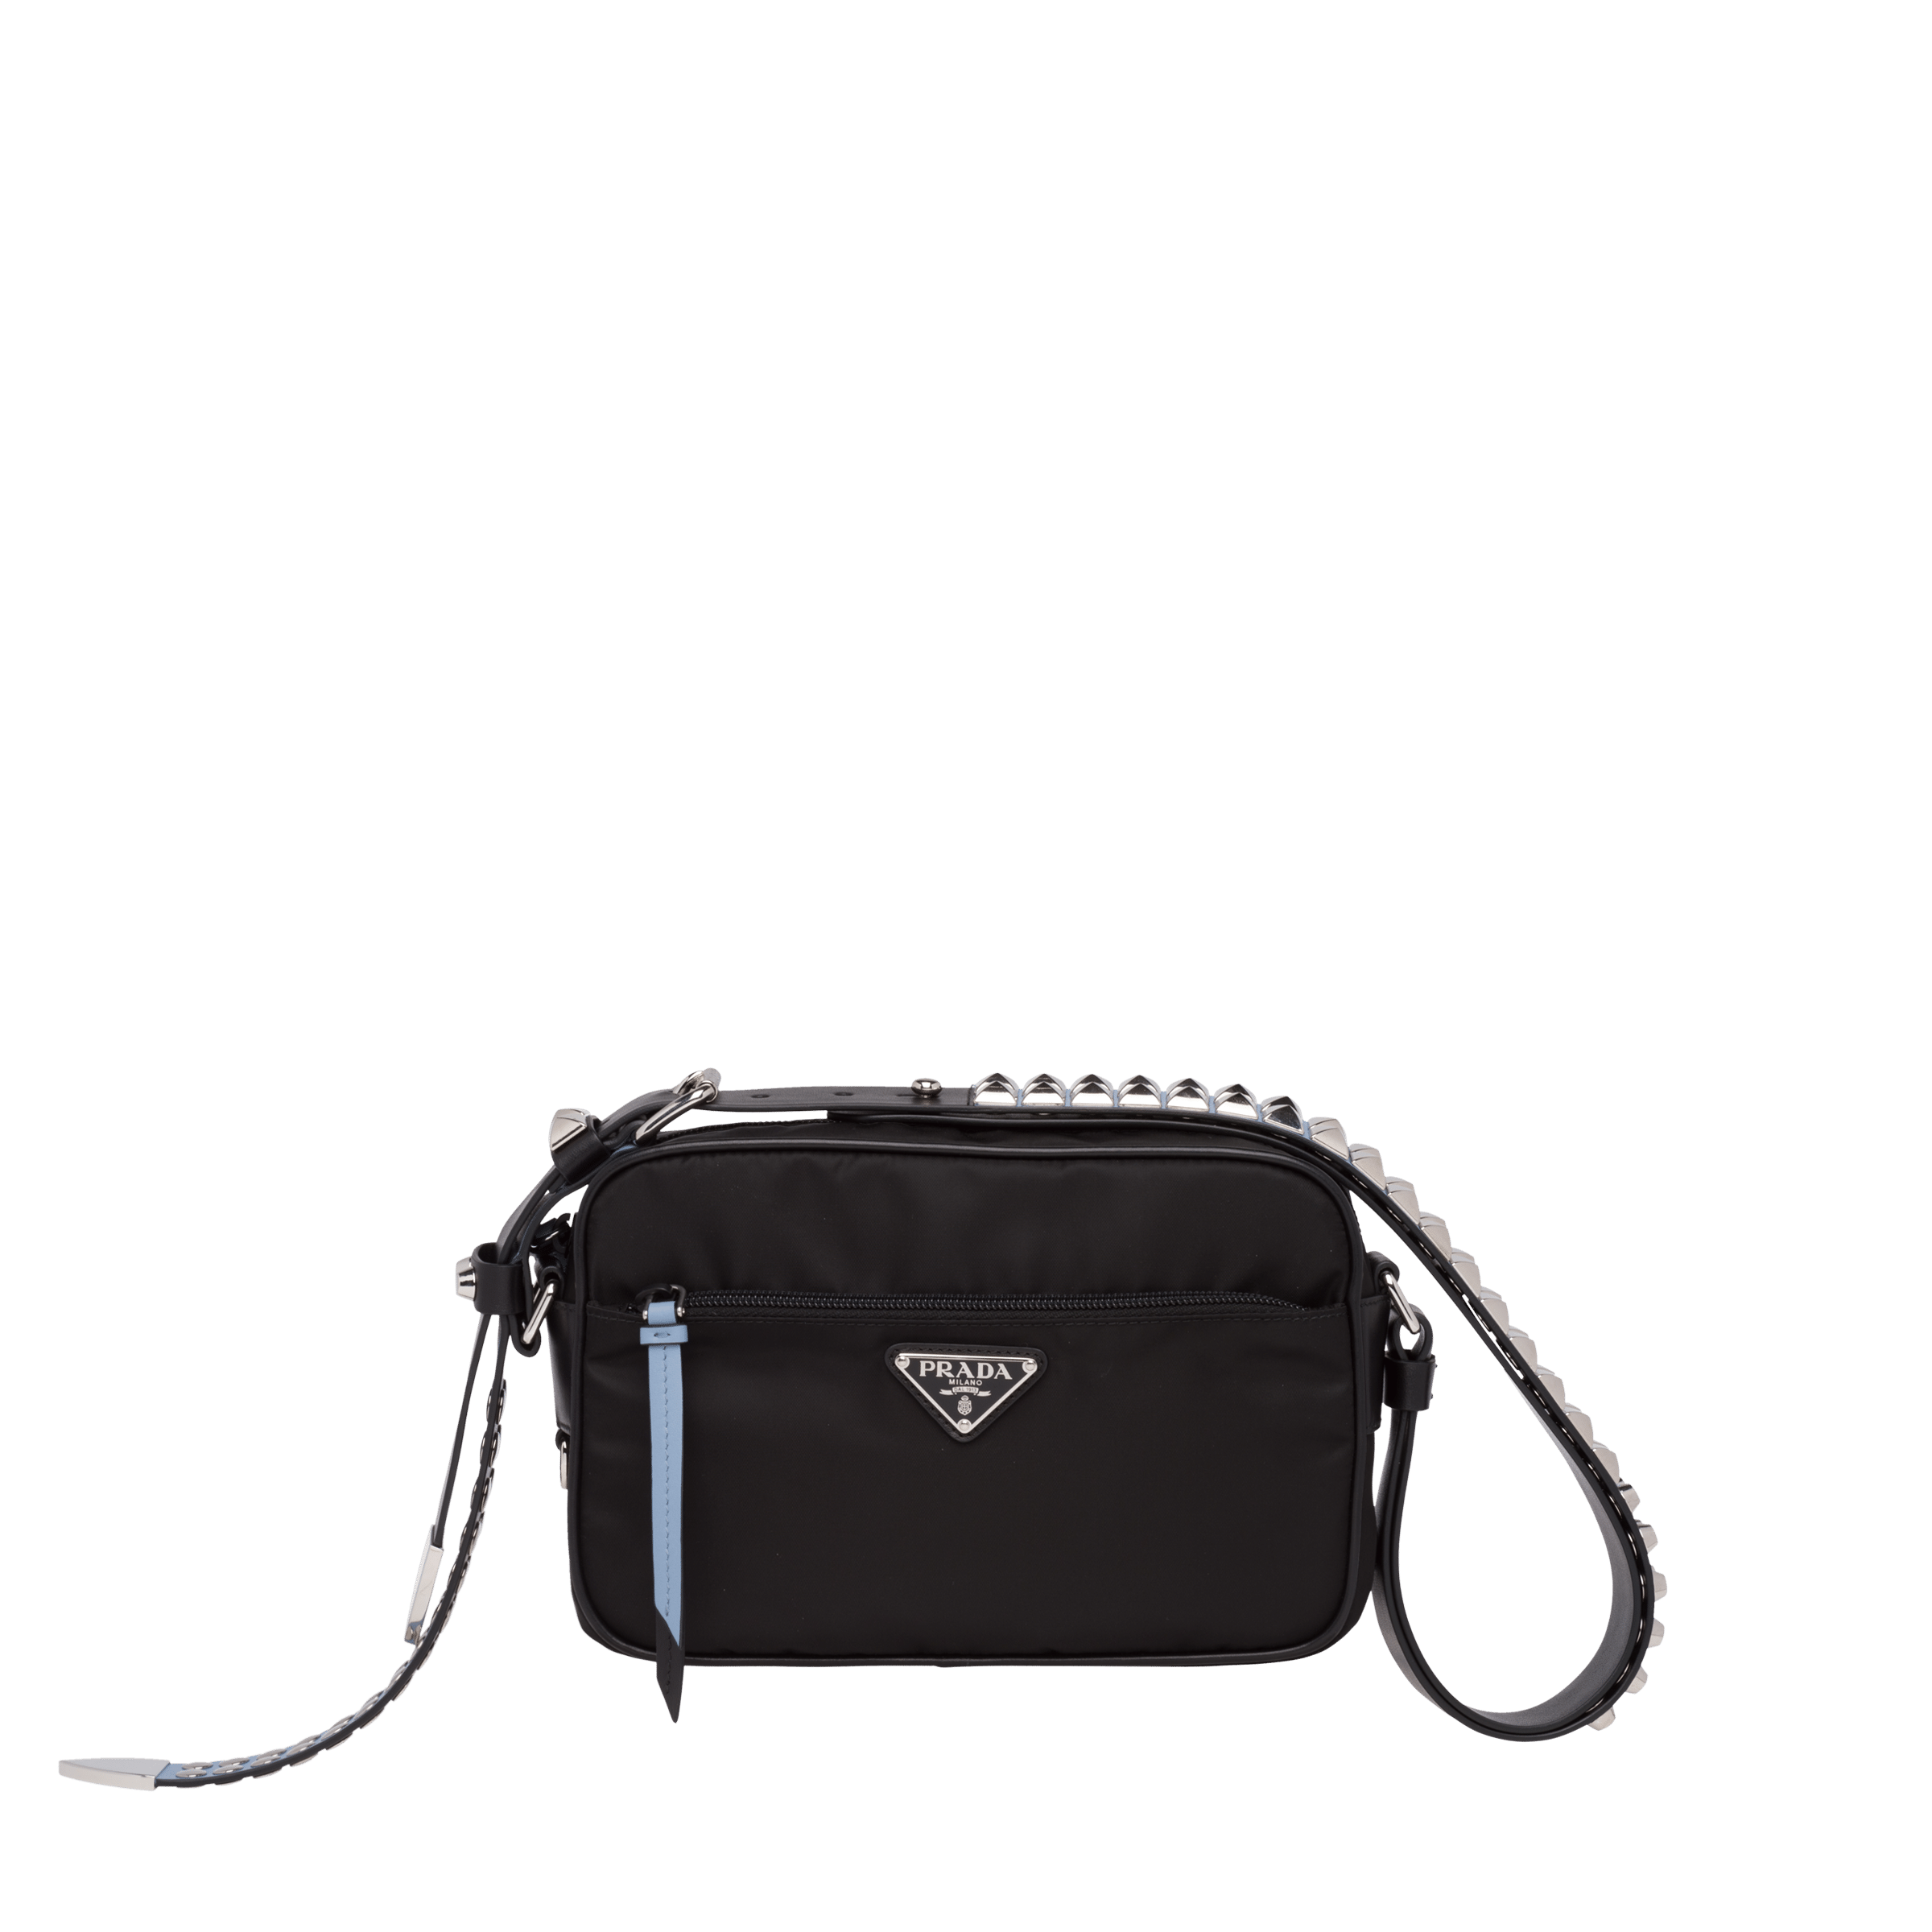 528b949dfdad69 Prada Black Nylon shoulder bag | Prada - 1BC167_2BYB_F0KKT_V_TBO